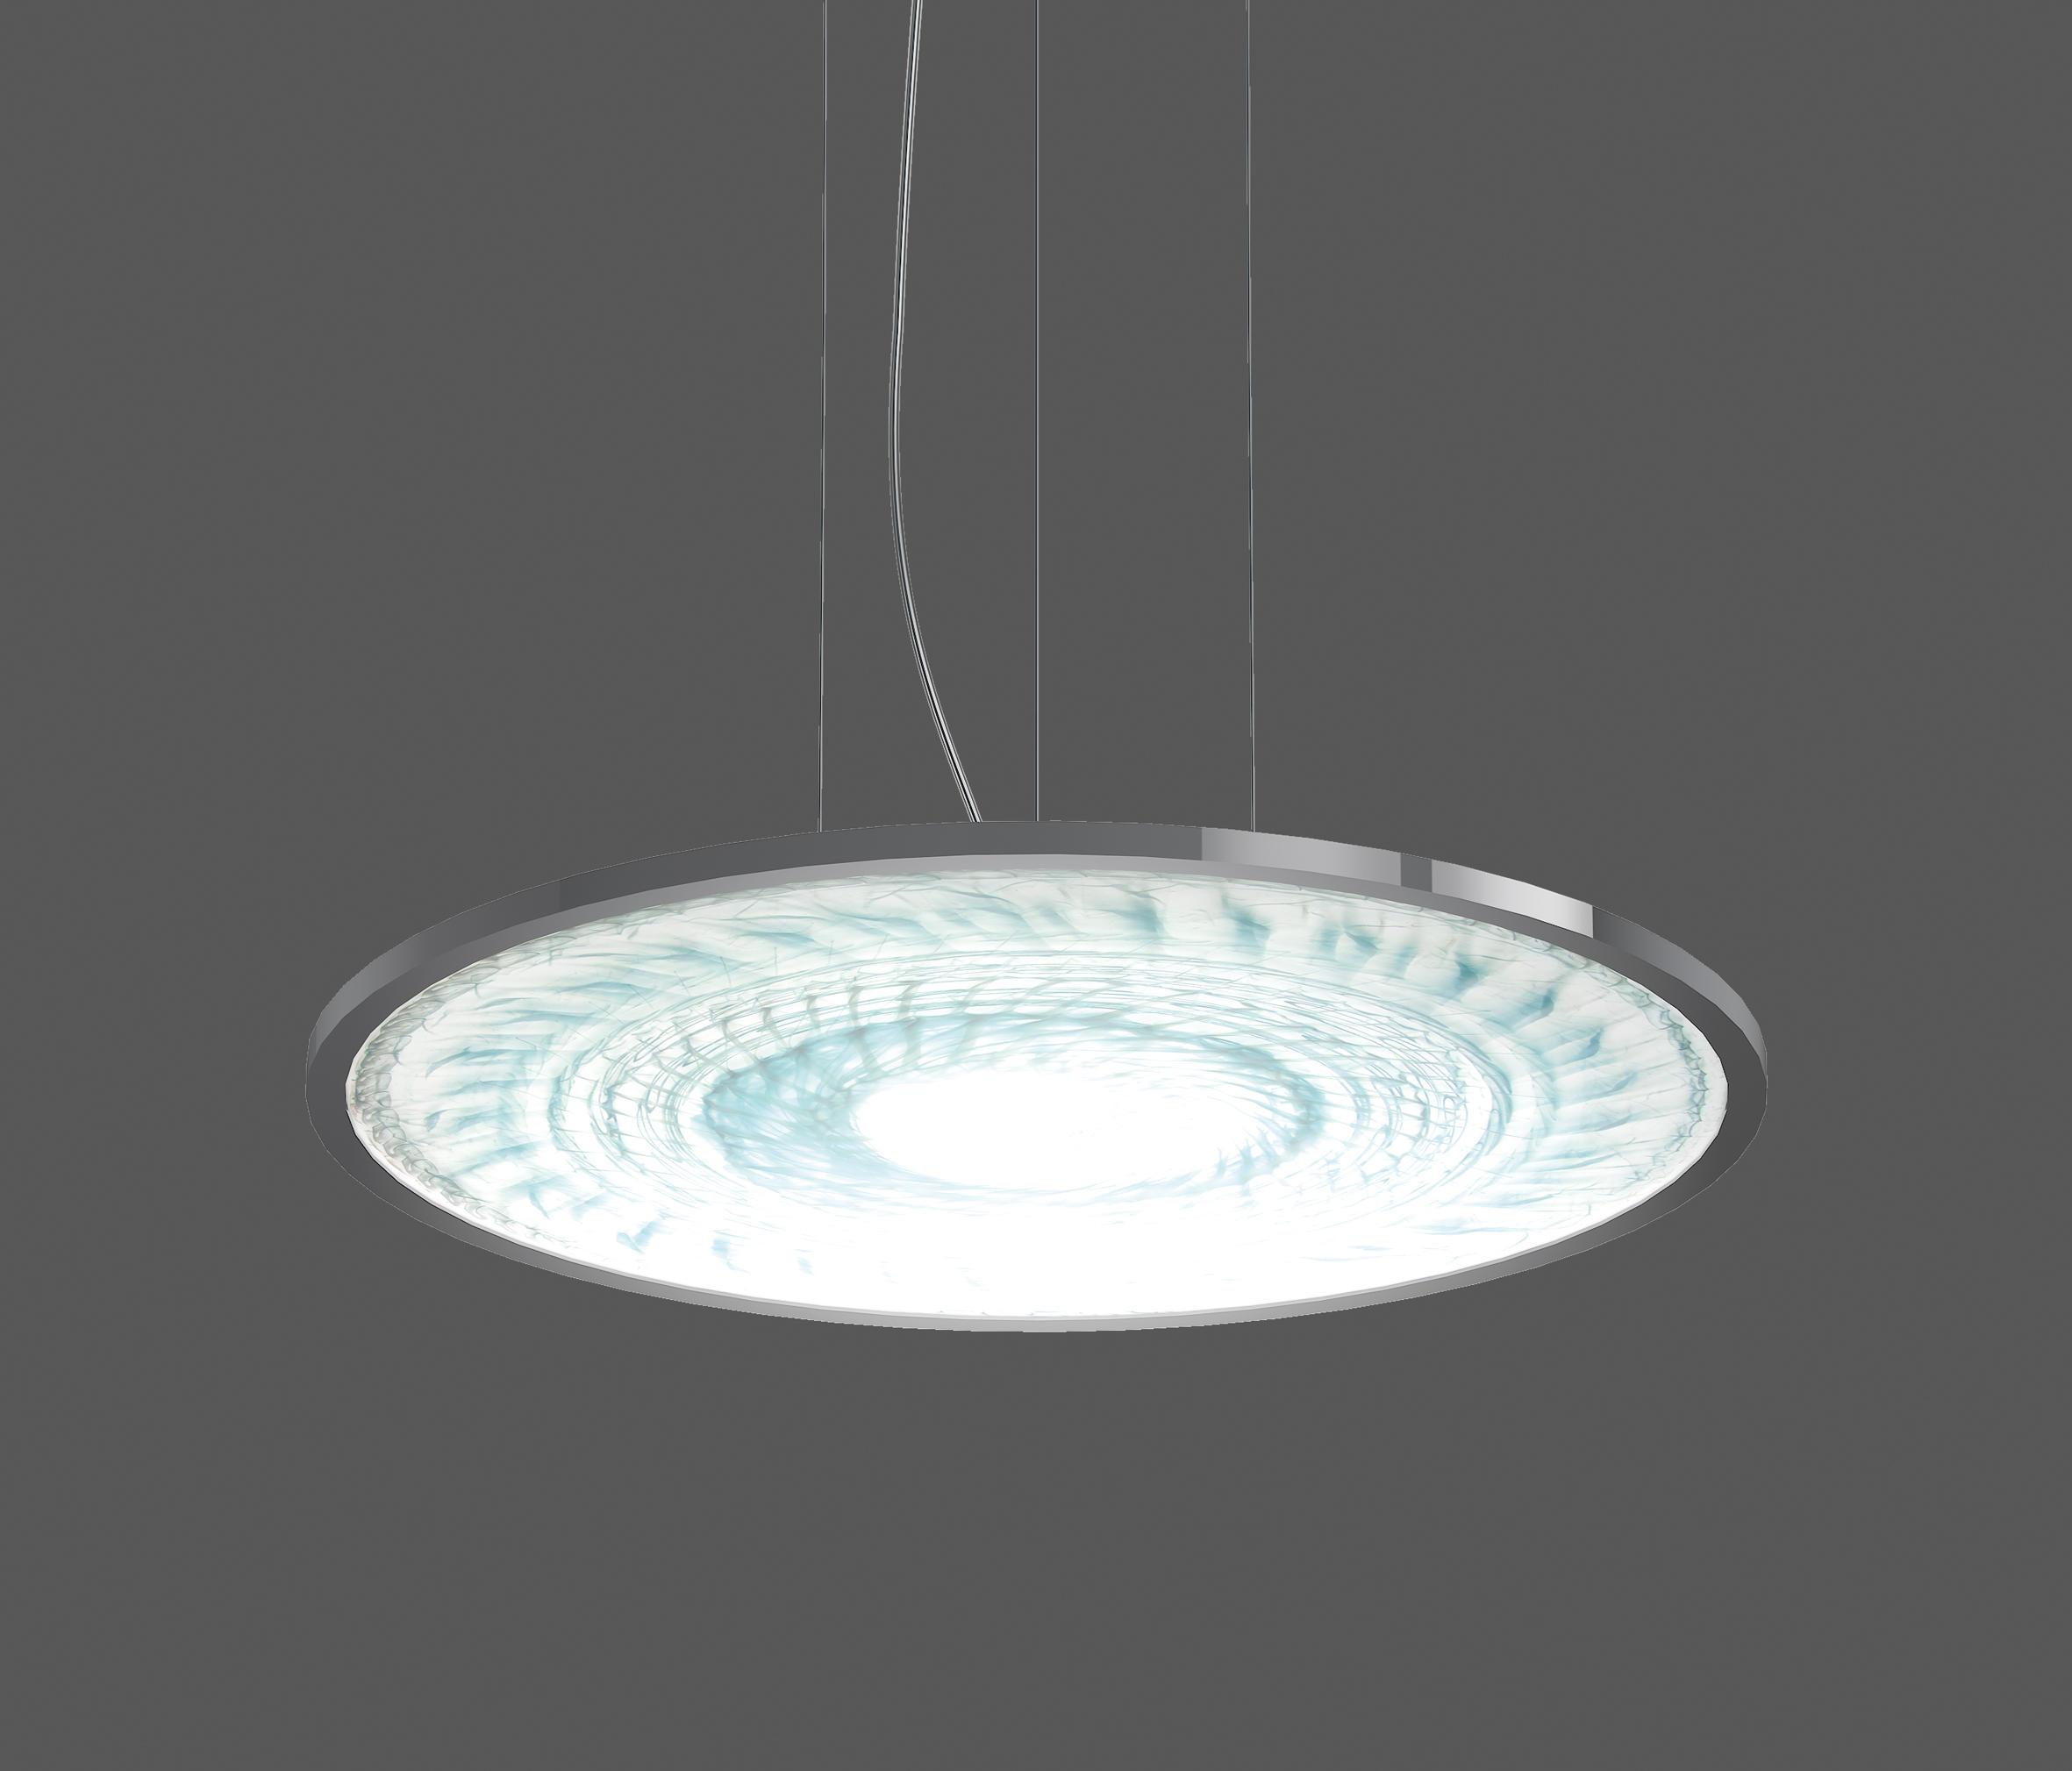 sidelite round ferromurano pendelleuchte allgemeinbeleuchtung von rzb leuchten architonic. Black Bedroom Furniture Sets. Home Design Ideas